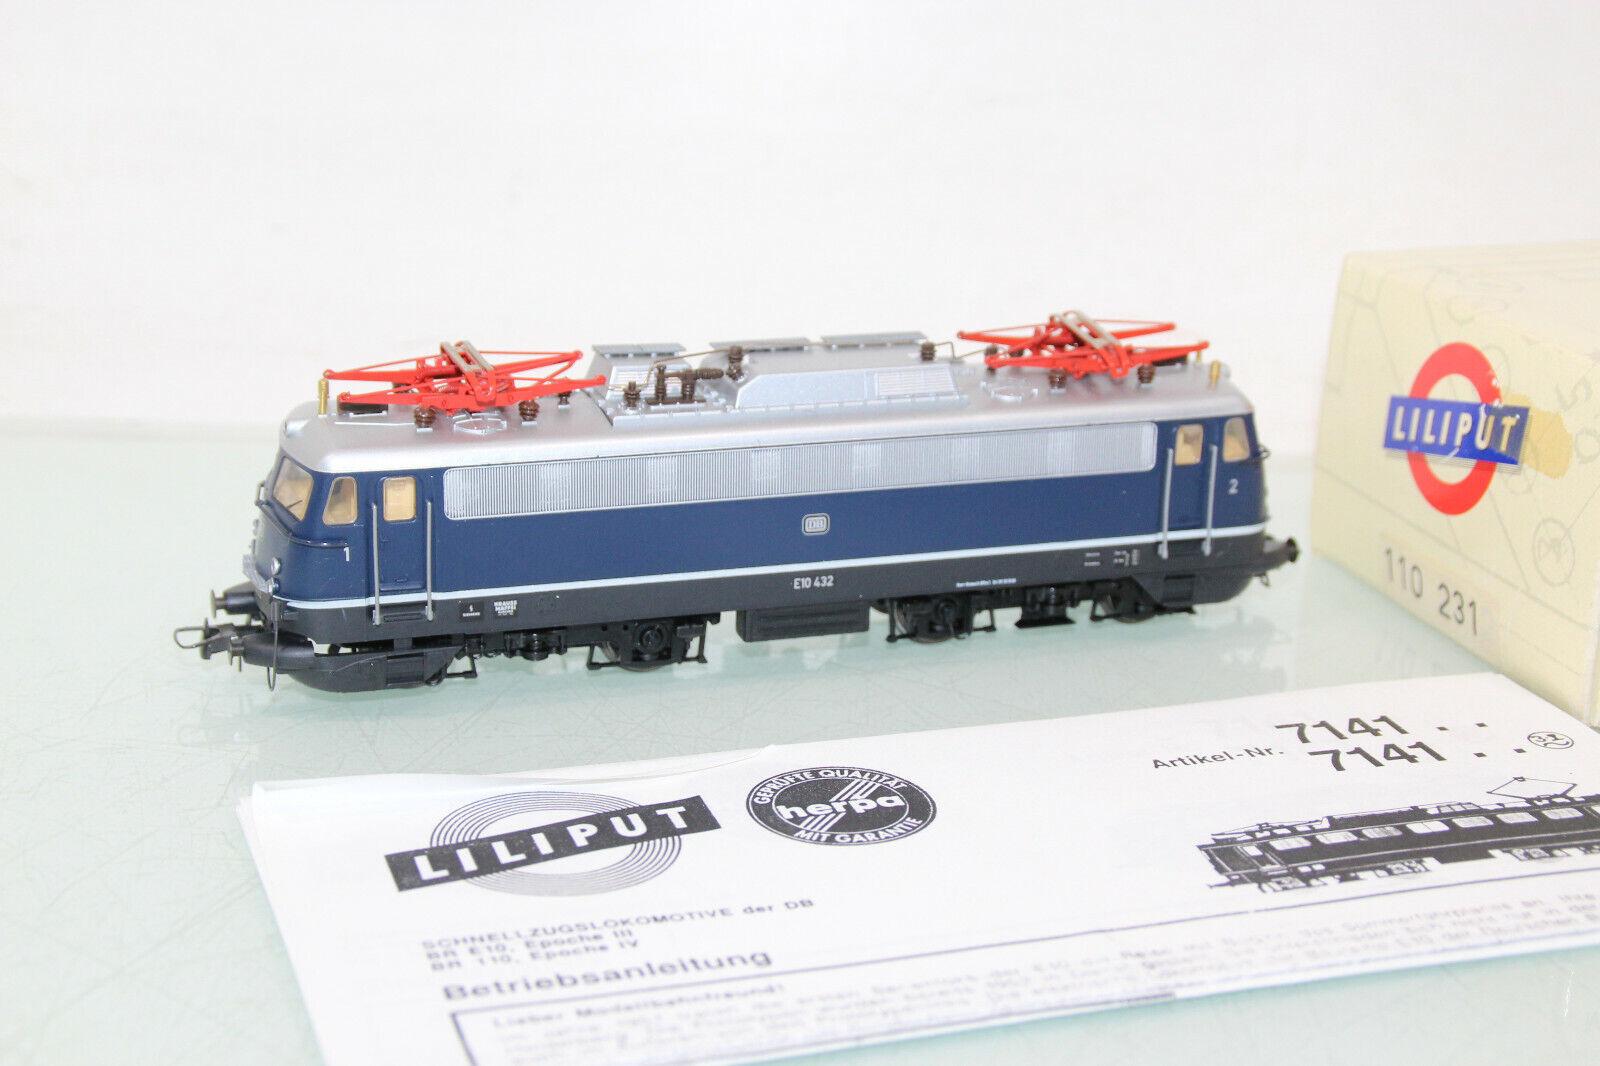 Liliput h0 110231 ELok BR e10 432 blu della DB molto ben tenuto in OVP gl1886